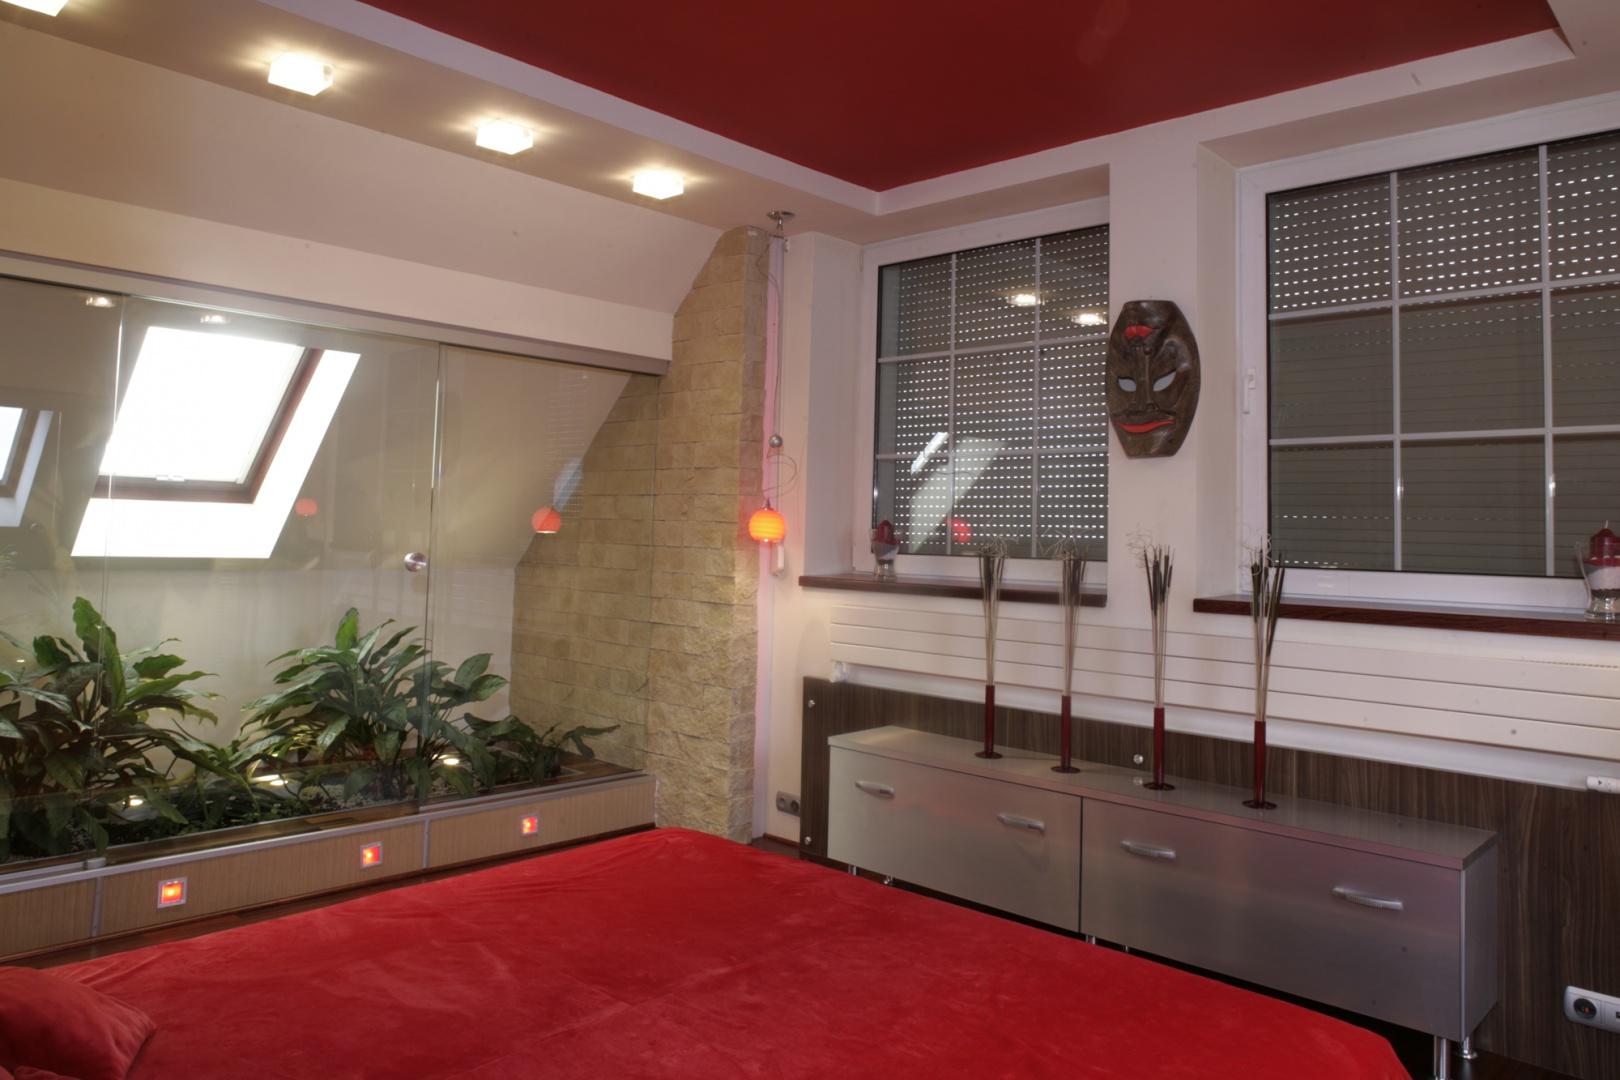 Srebrna komoda z laminatu (Abet Laminati), pokryte drewnem elementy ścian, wreszcie efektowna oszklona oranżeria – zajmująca niemal połowę sypialni. Fot. Monika Filipiuk.